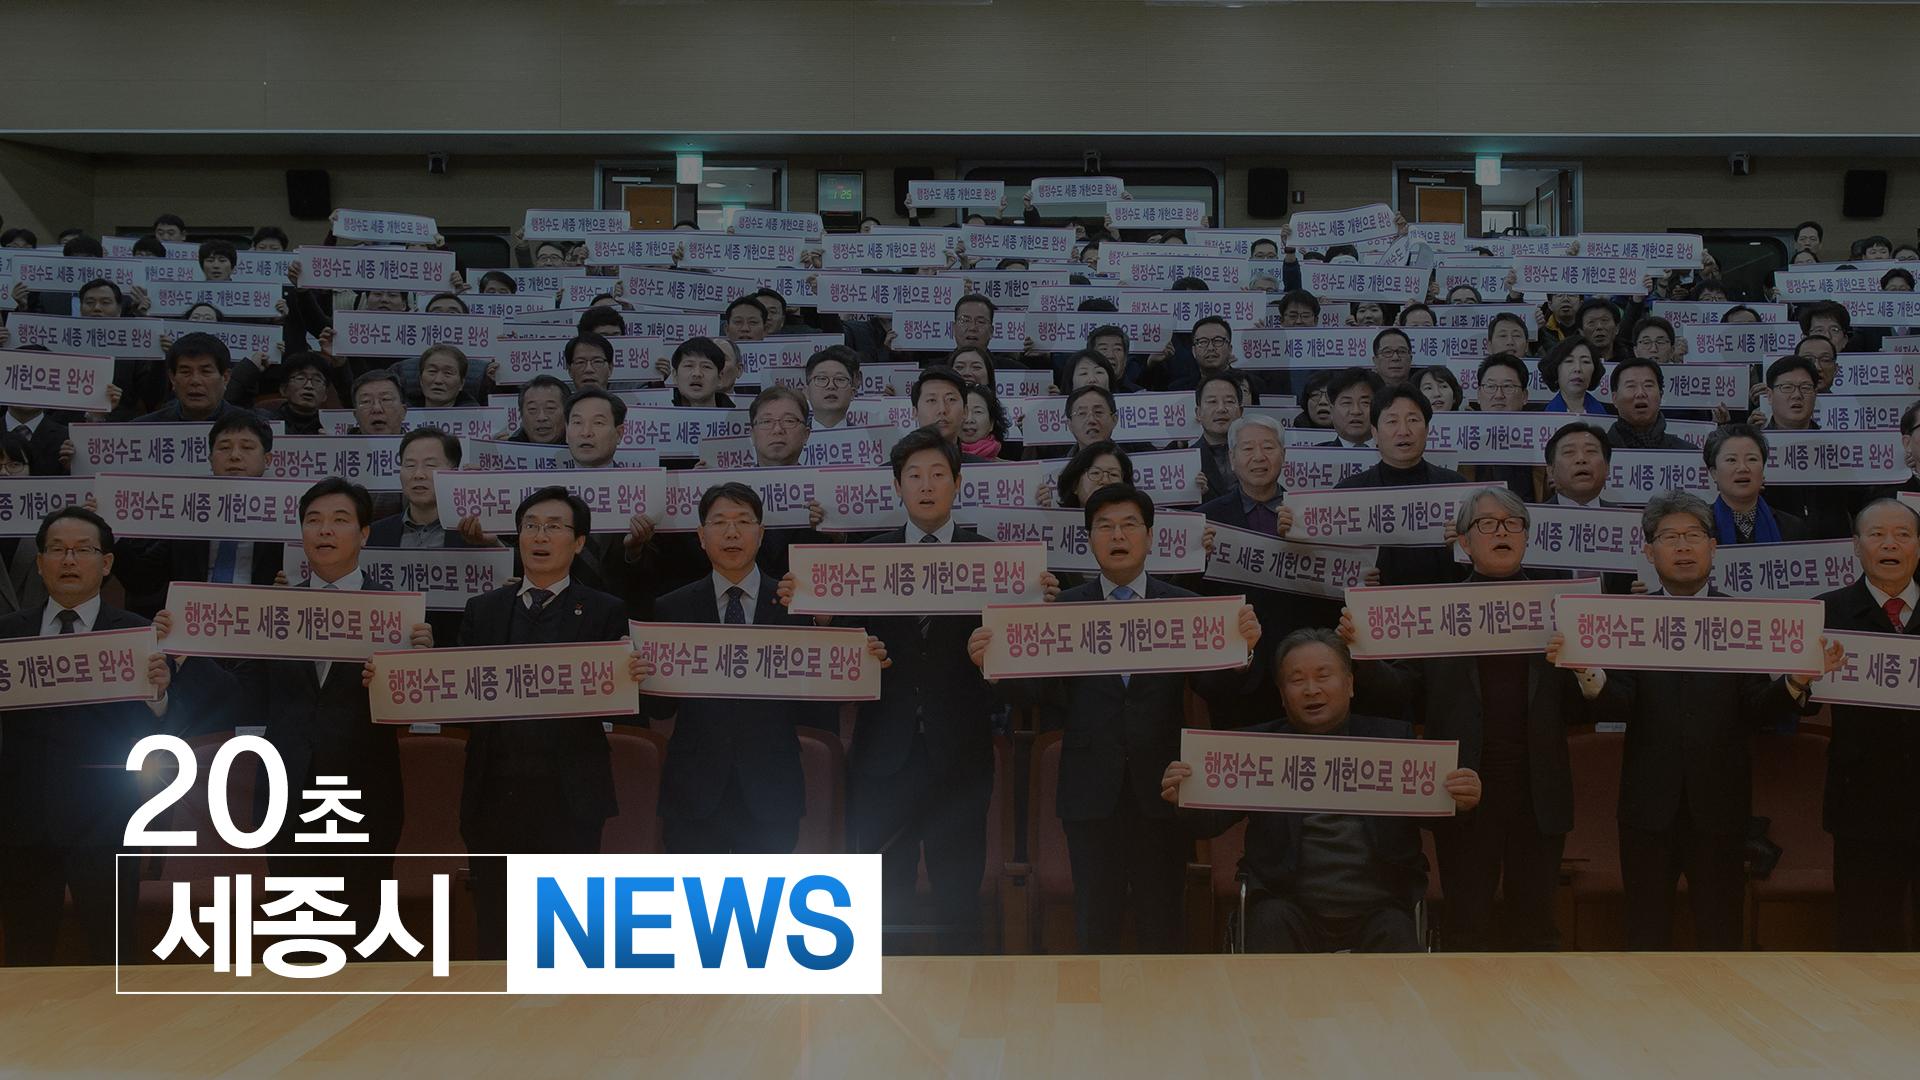 <20초뉴스> 행정수도 개헌 염원 범충청권 결의대회